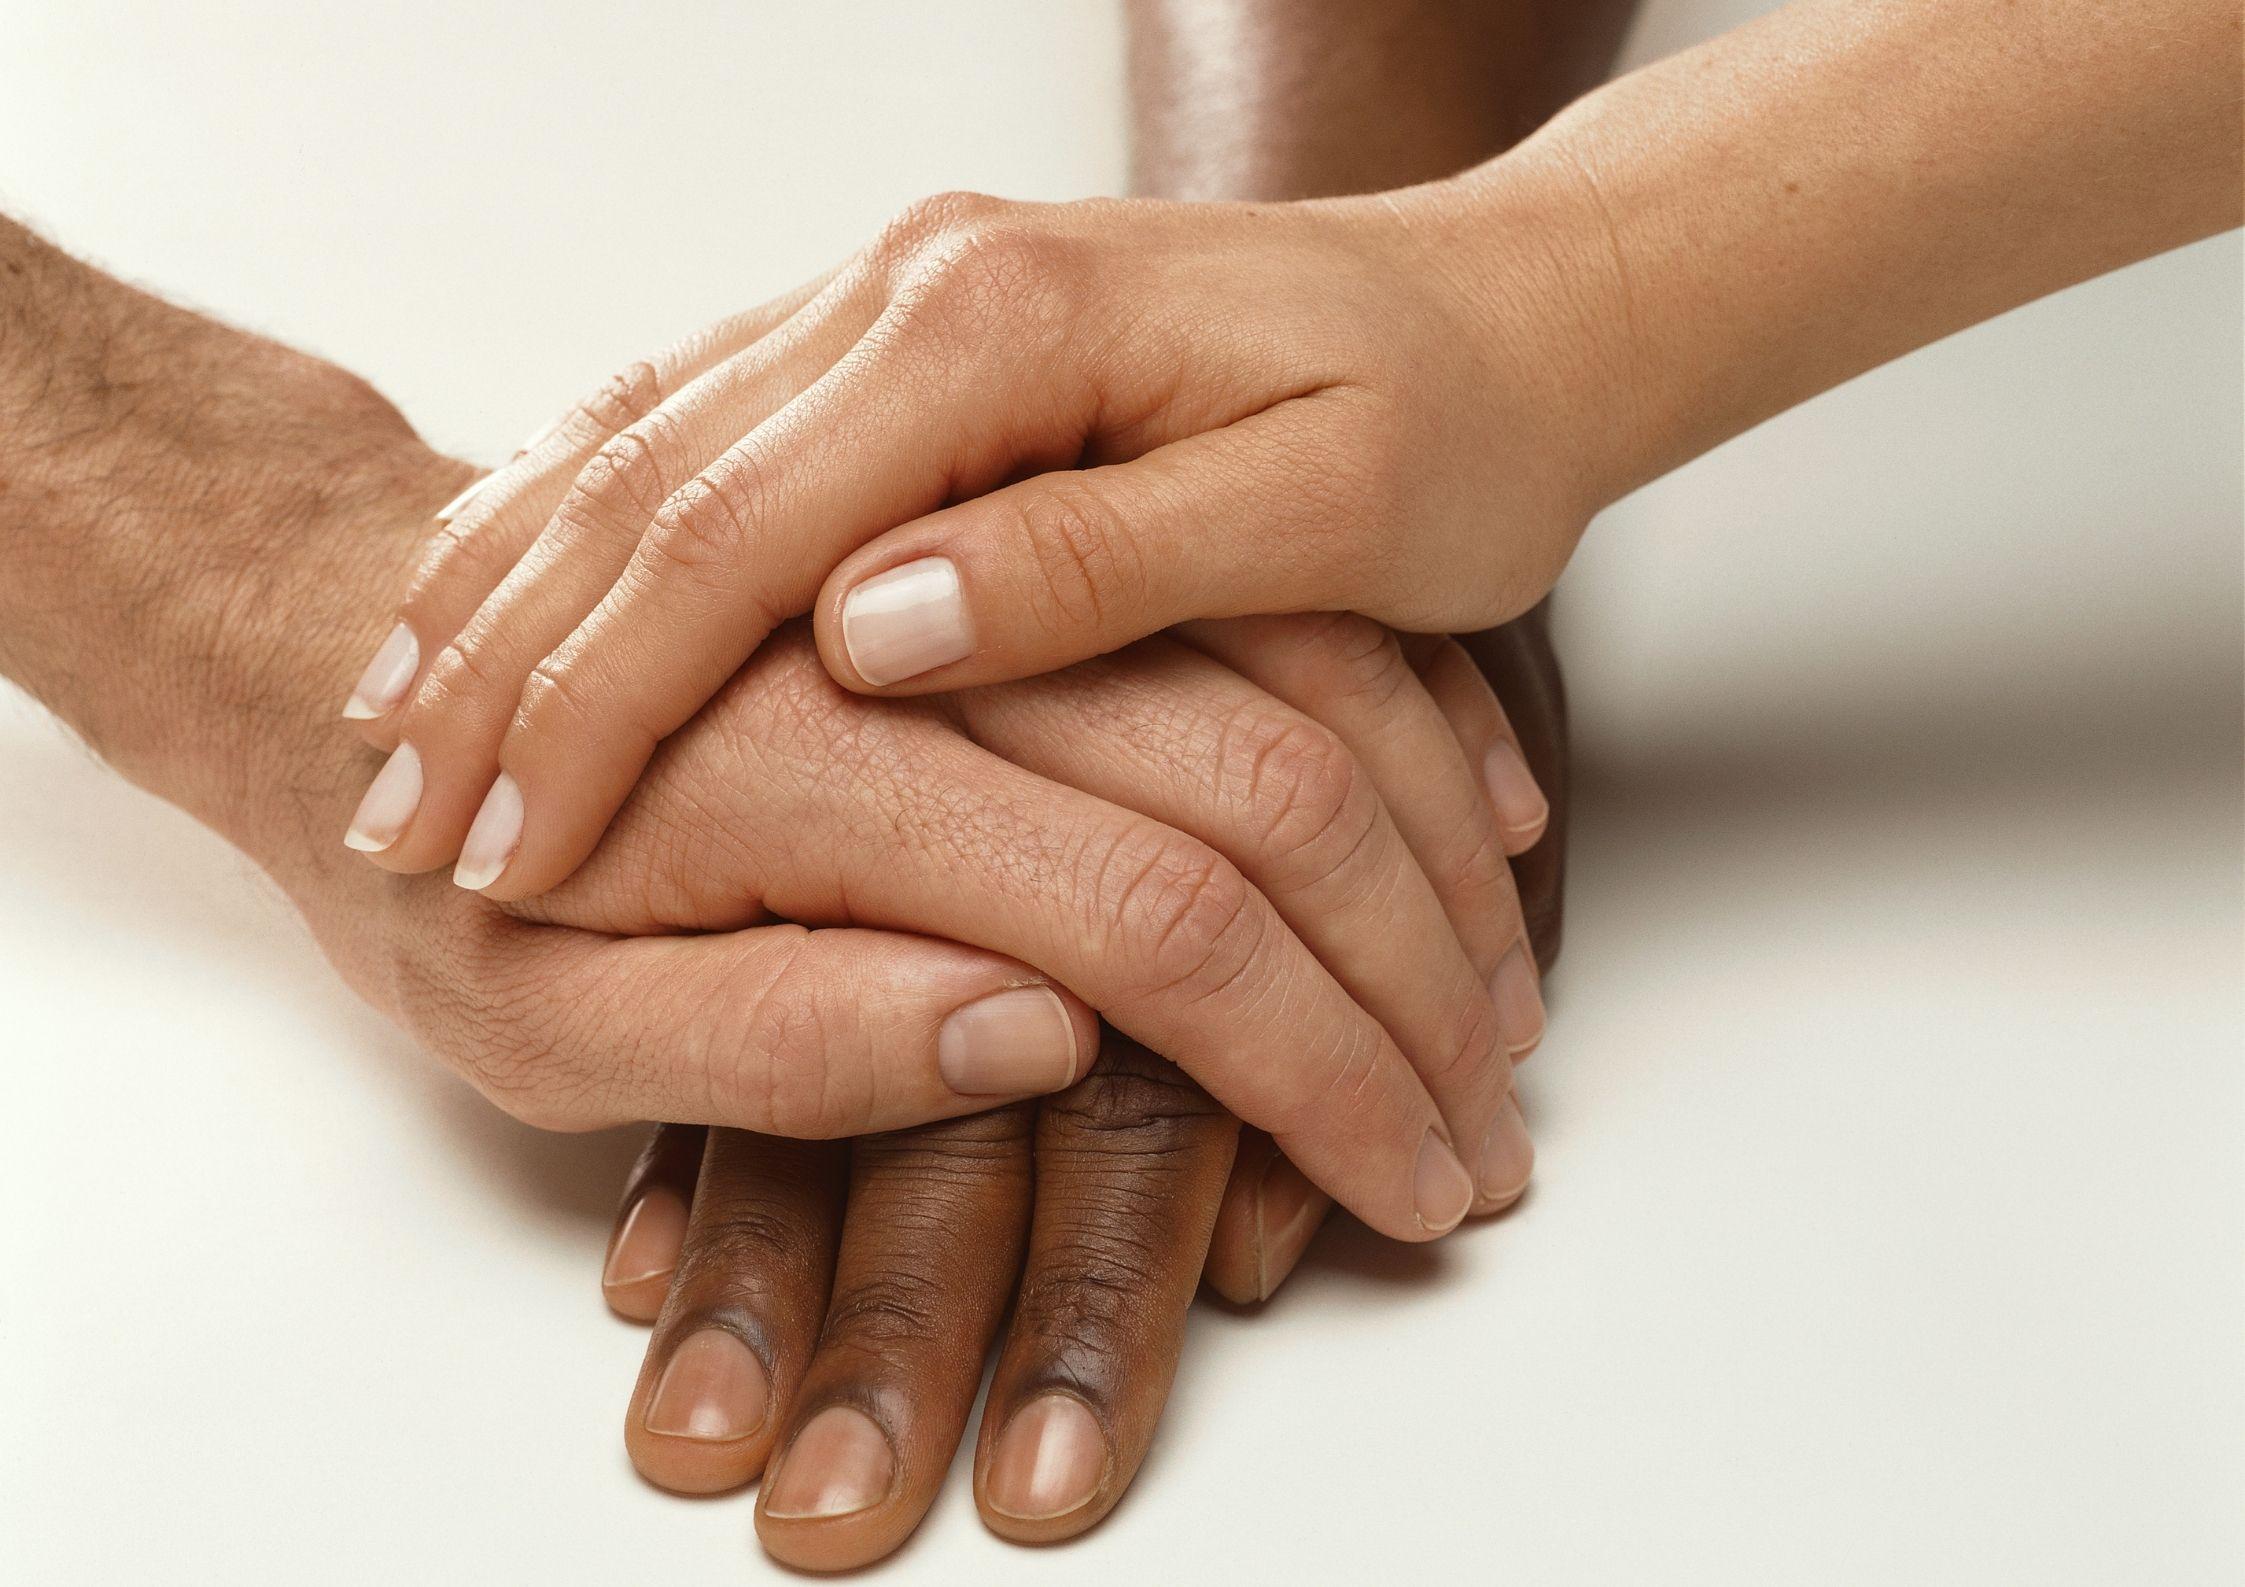 Capacitação para assistência psicológica às mulheres vítimas de violência